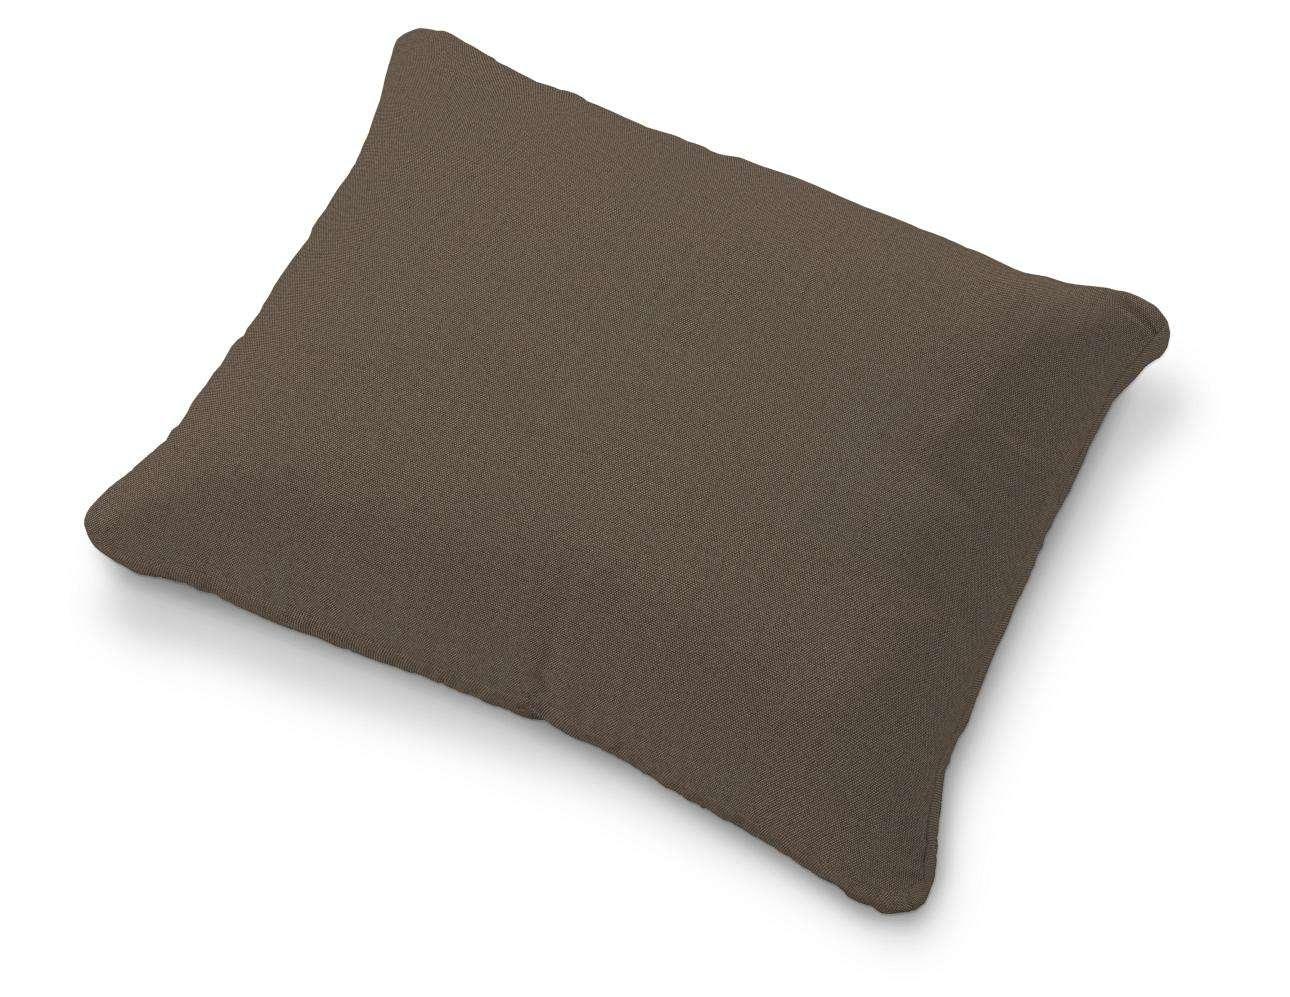 Karlstad pagalvėlės užvalkalas(58 cm x 48 cm) Karlstad pagavėlės užvalkalas 58x48cm kolekcijoje Etna , audinys: 705-08